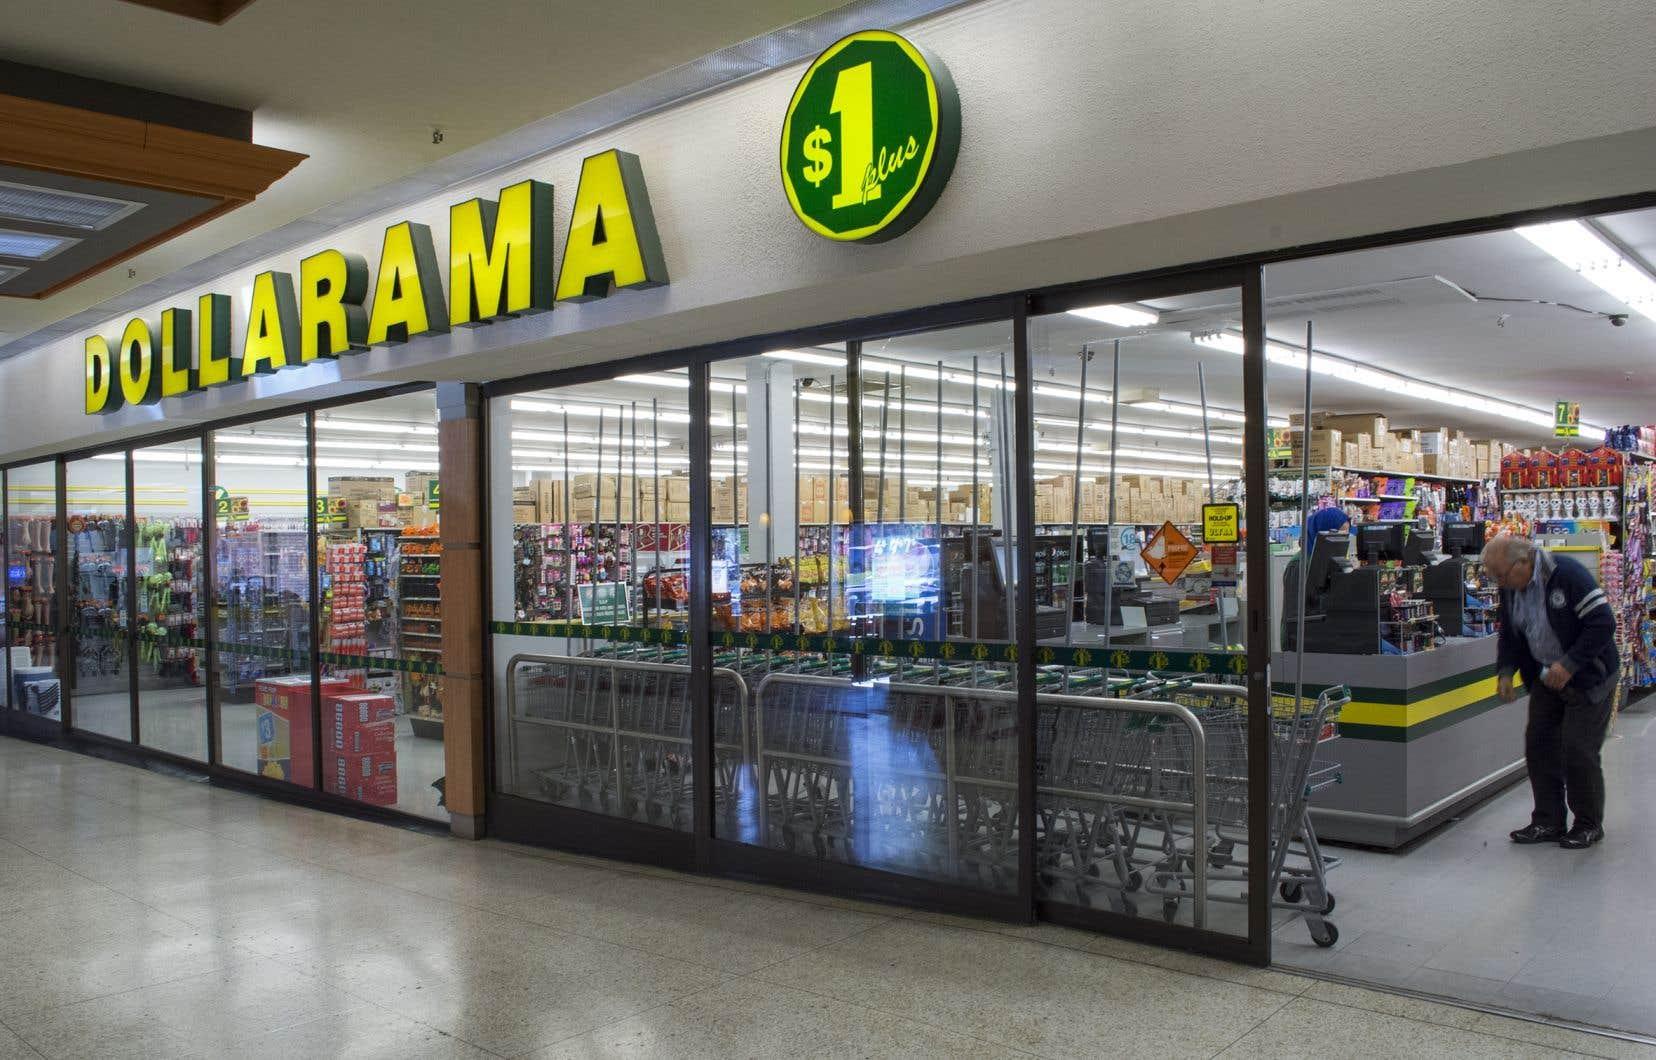 Dollarama a commencé à vendre des articles à des prix fixes plus élevés qu'un dollar en 2009 afin d'augmenter la sélection de produits offerts et leur qualité. Les prix maximaux sont passés de 2$ à 3$ en 2012, puis à 4$ en 2015.